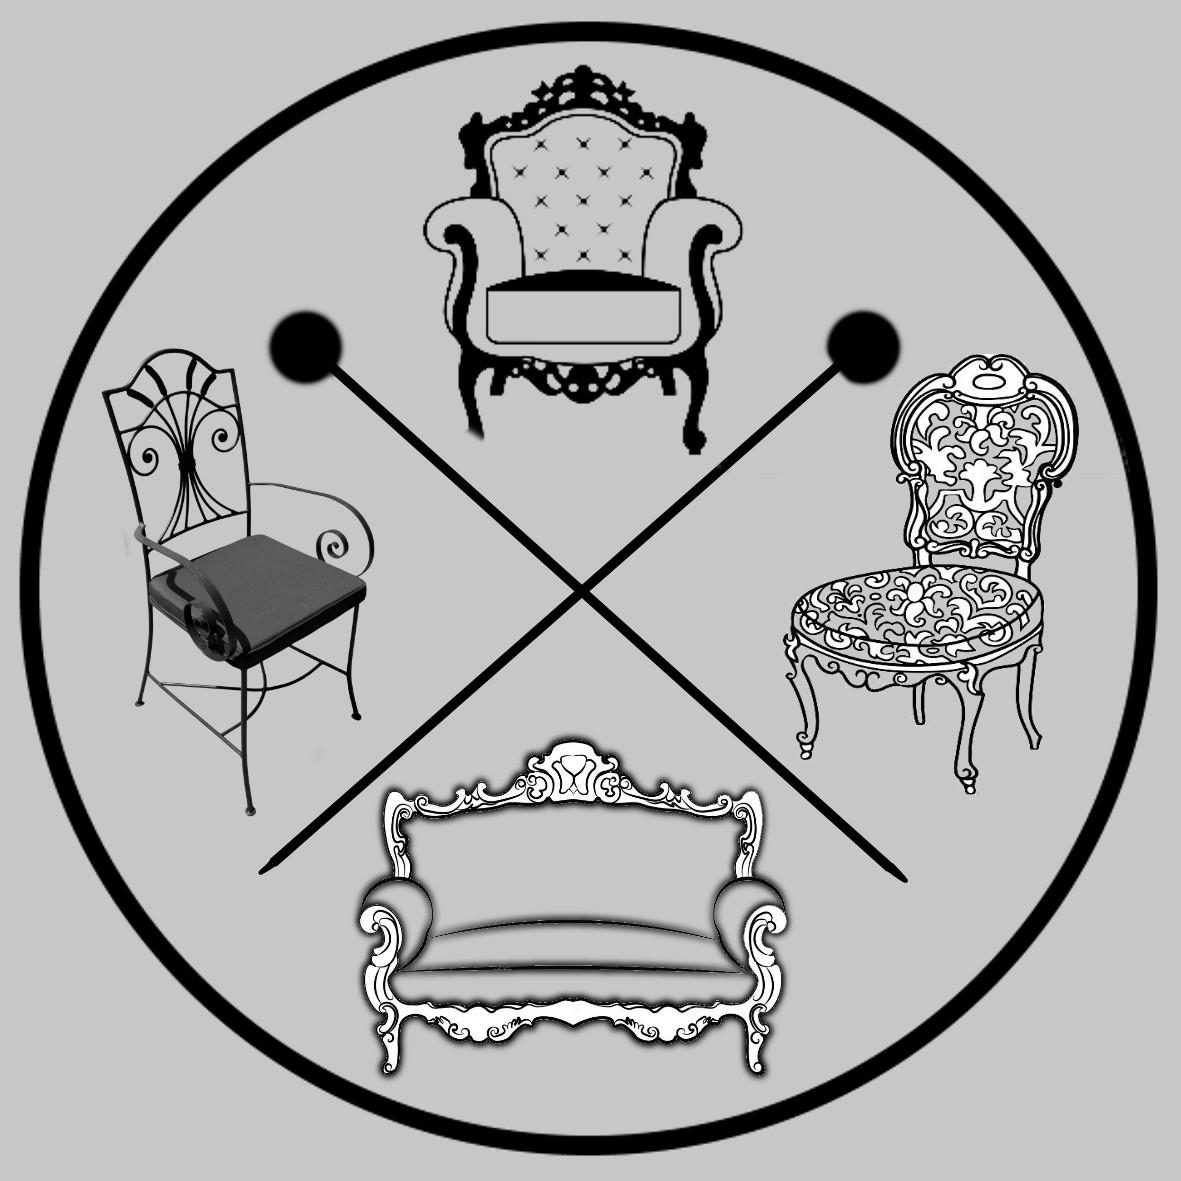 Restaurer Fauteuil Voltaire Moderne faites restaurer vos fauteuils par votre tapissier à